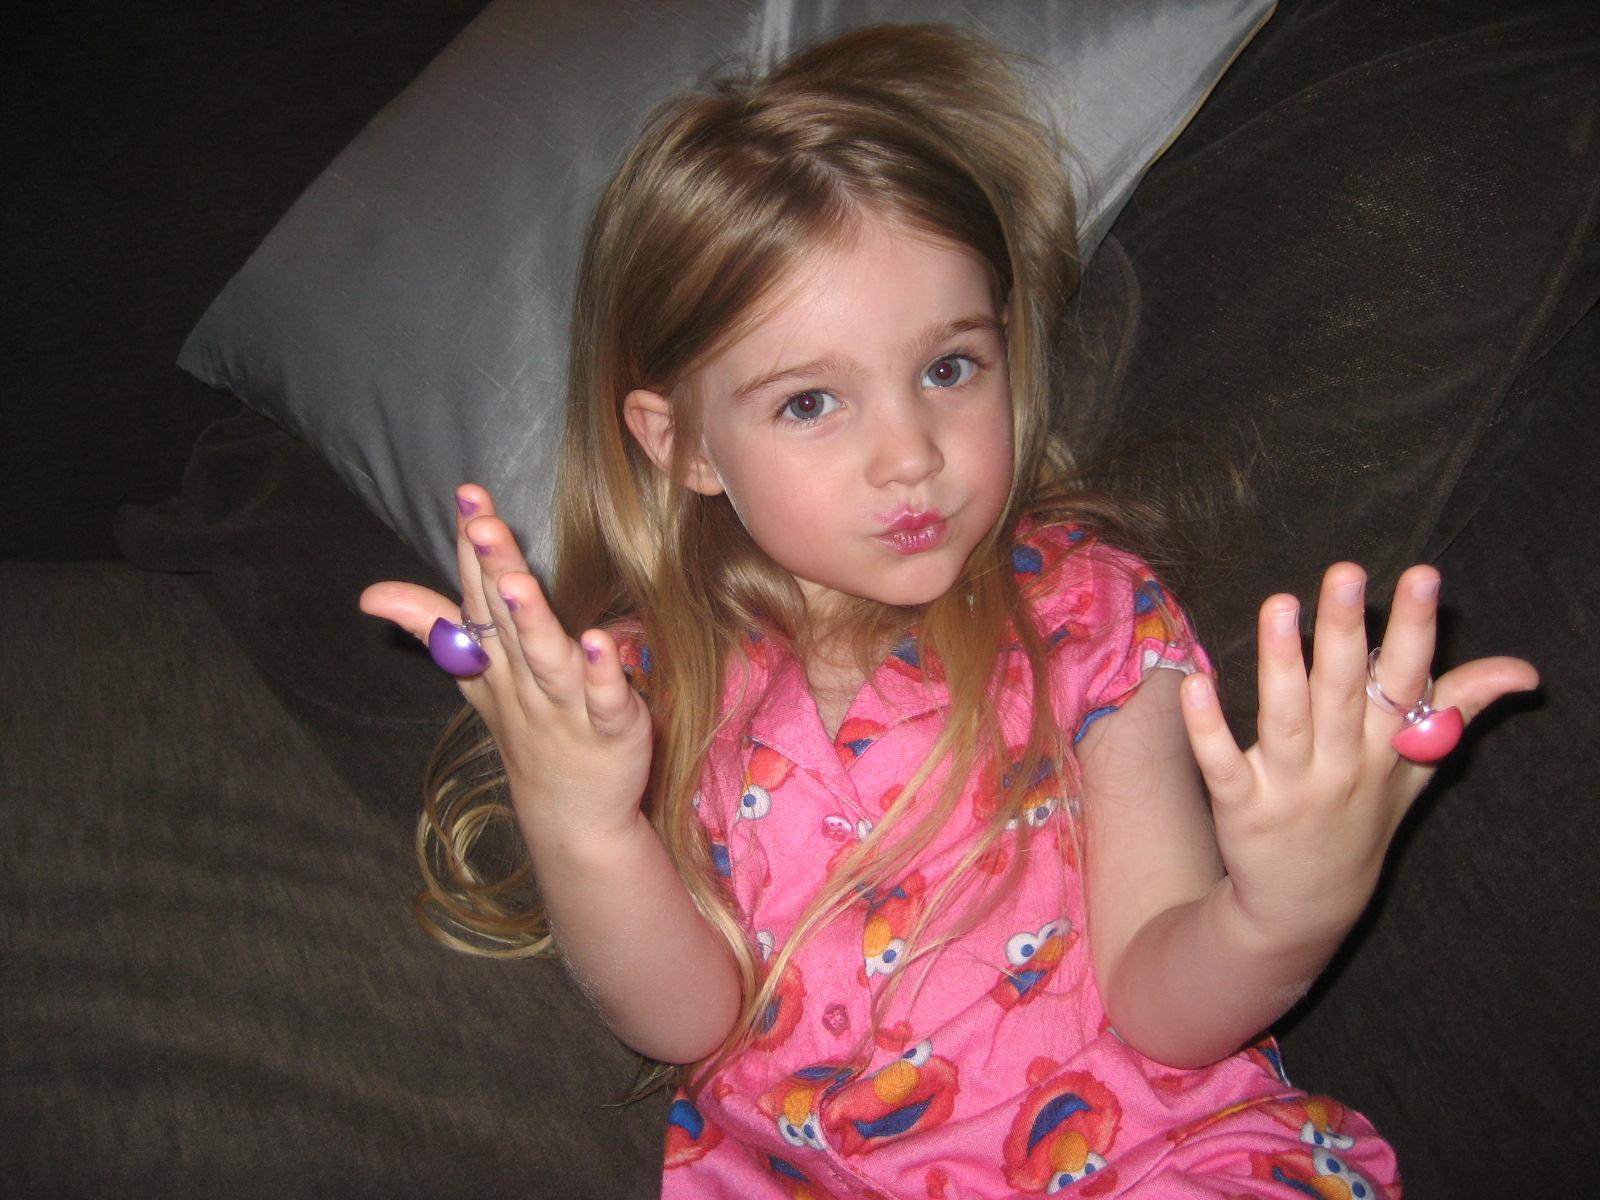 Terrific Pictures Little girl bedroom ideas with inner ...  |Terrific Little Girl